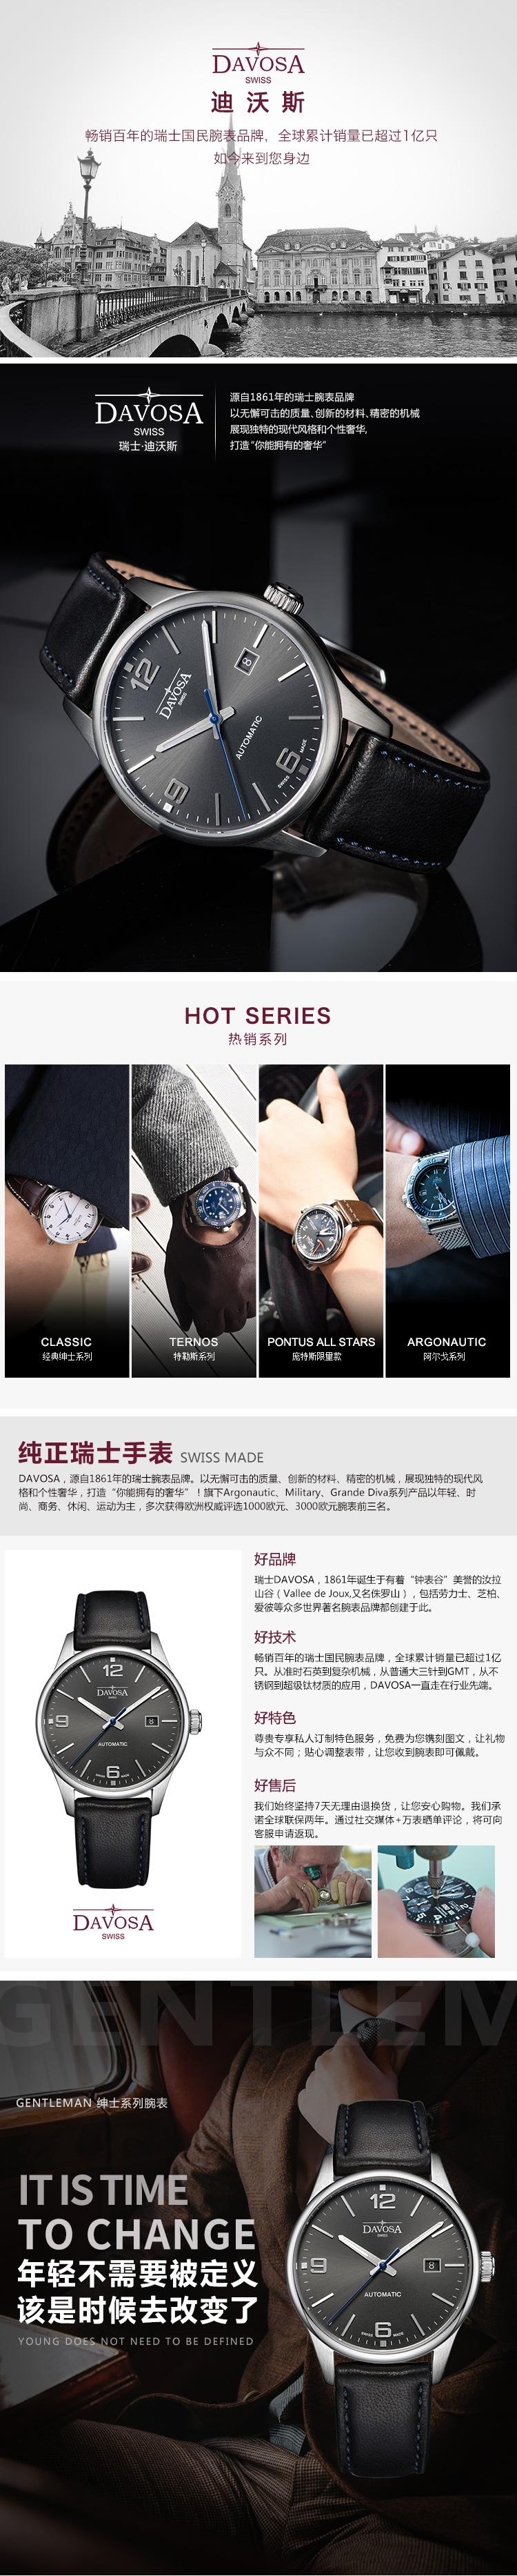 瑞士迪沃斯(DAVOSA)-Gentleman 绅士系列 16156694 机械男表